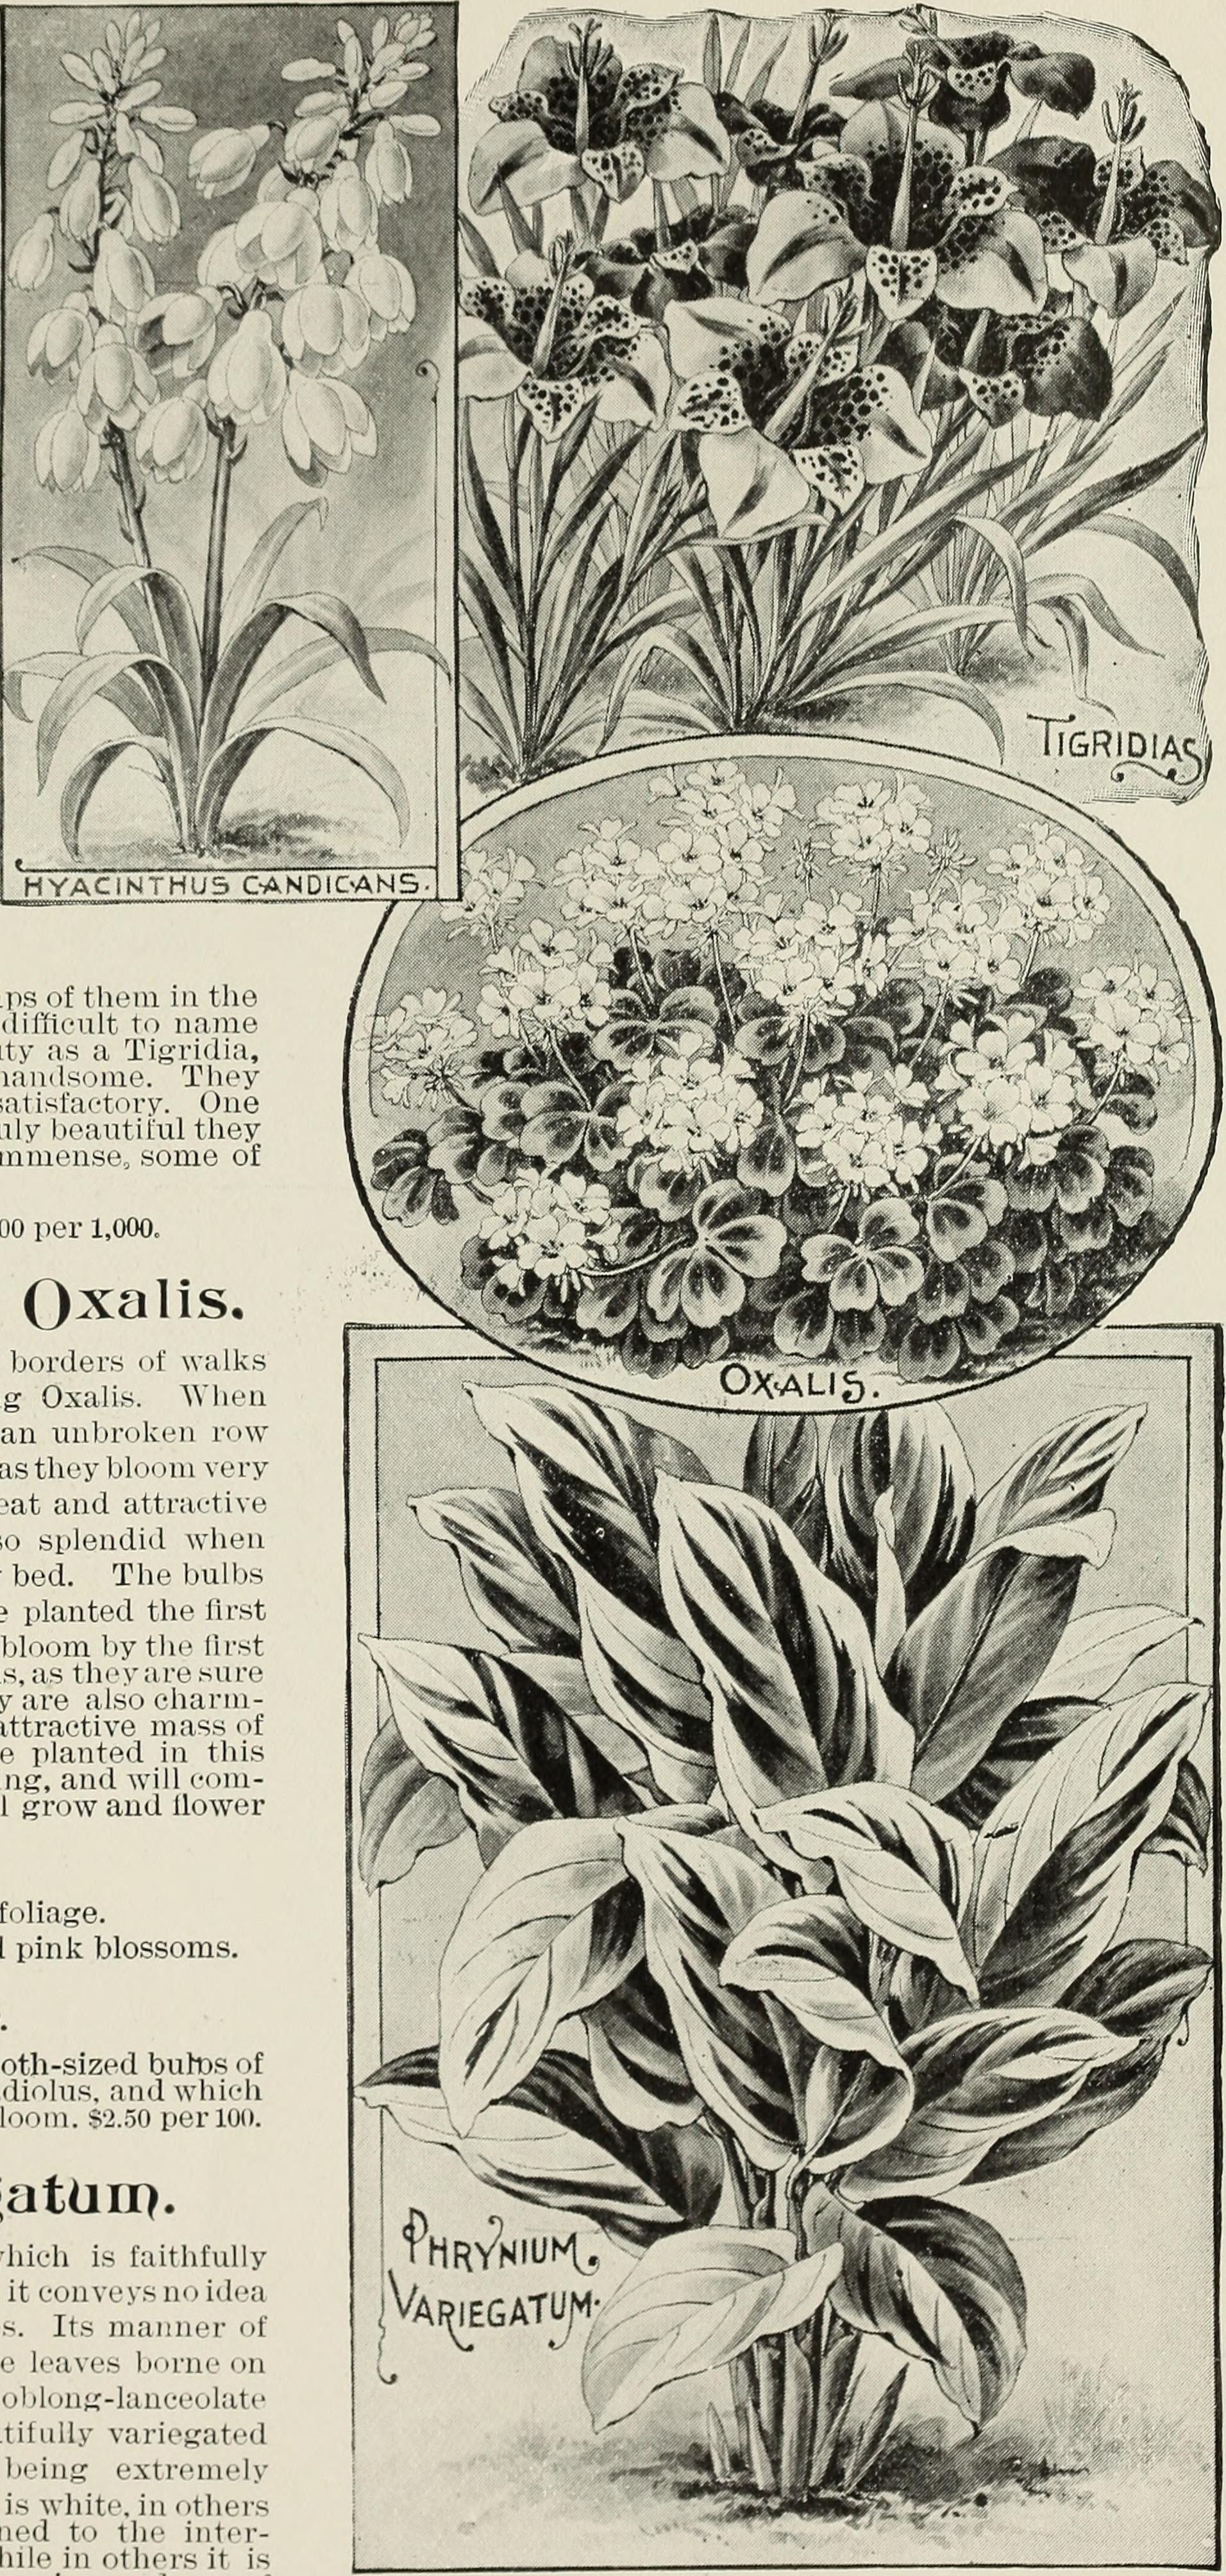 Is iris a flower gallery flower wallpaper hd is iris a flower choice image flower wallpaper hd is iris a flower image collections flower izmirmasajfo